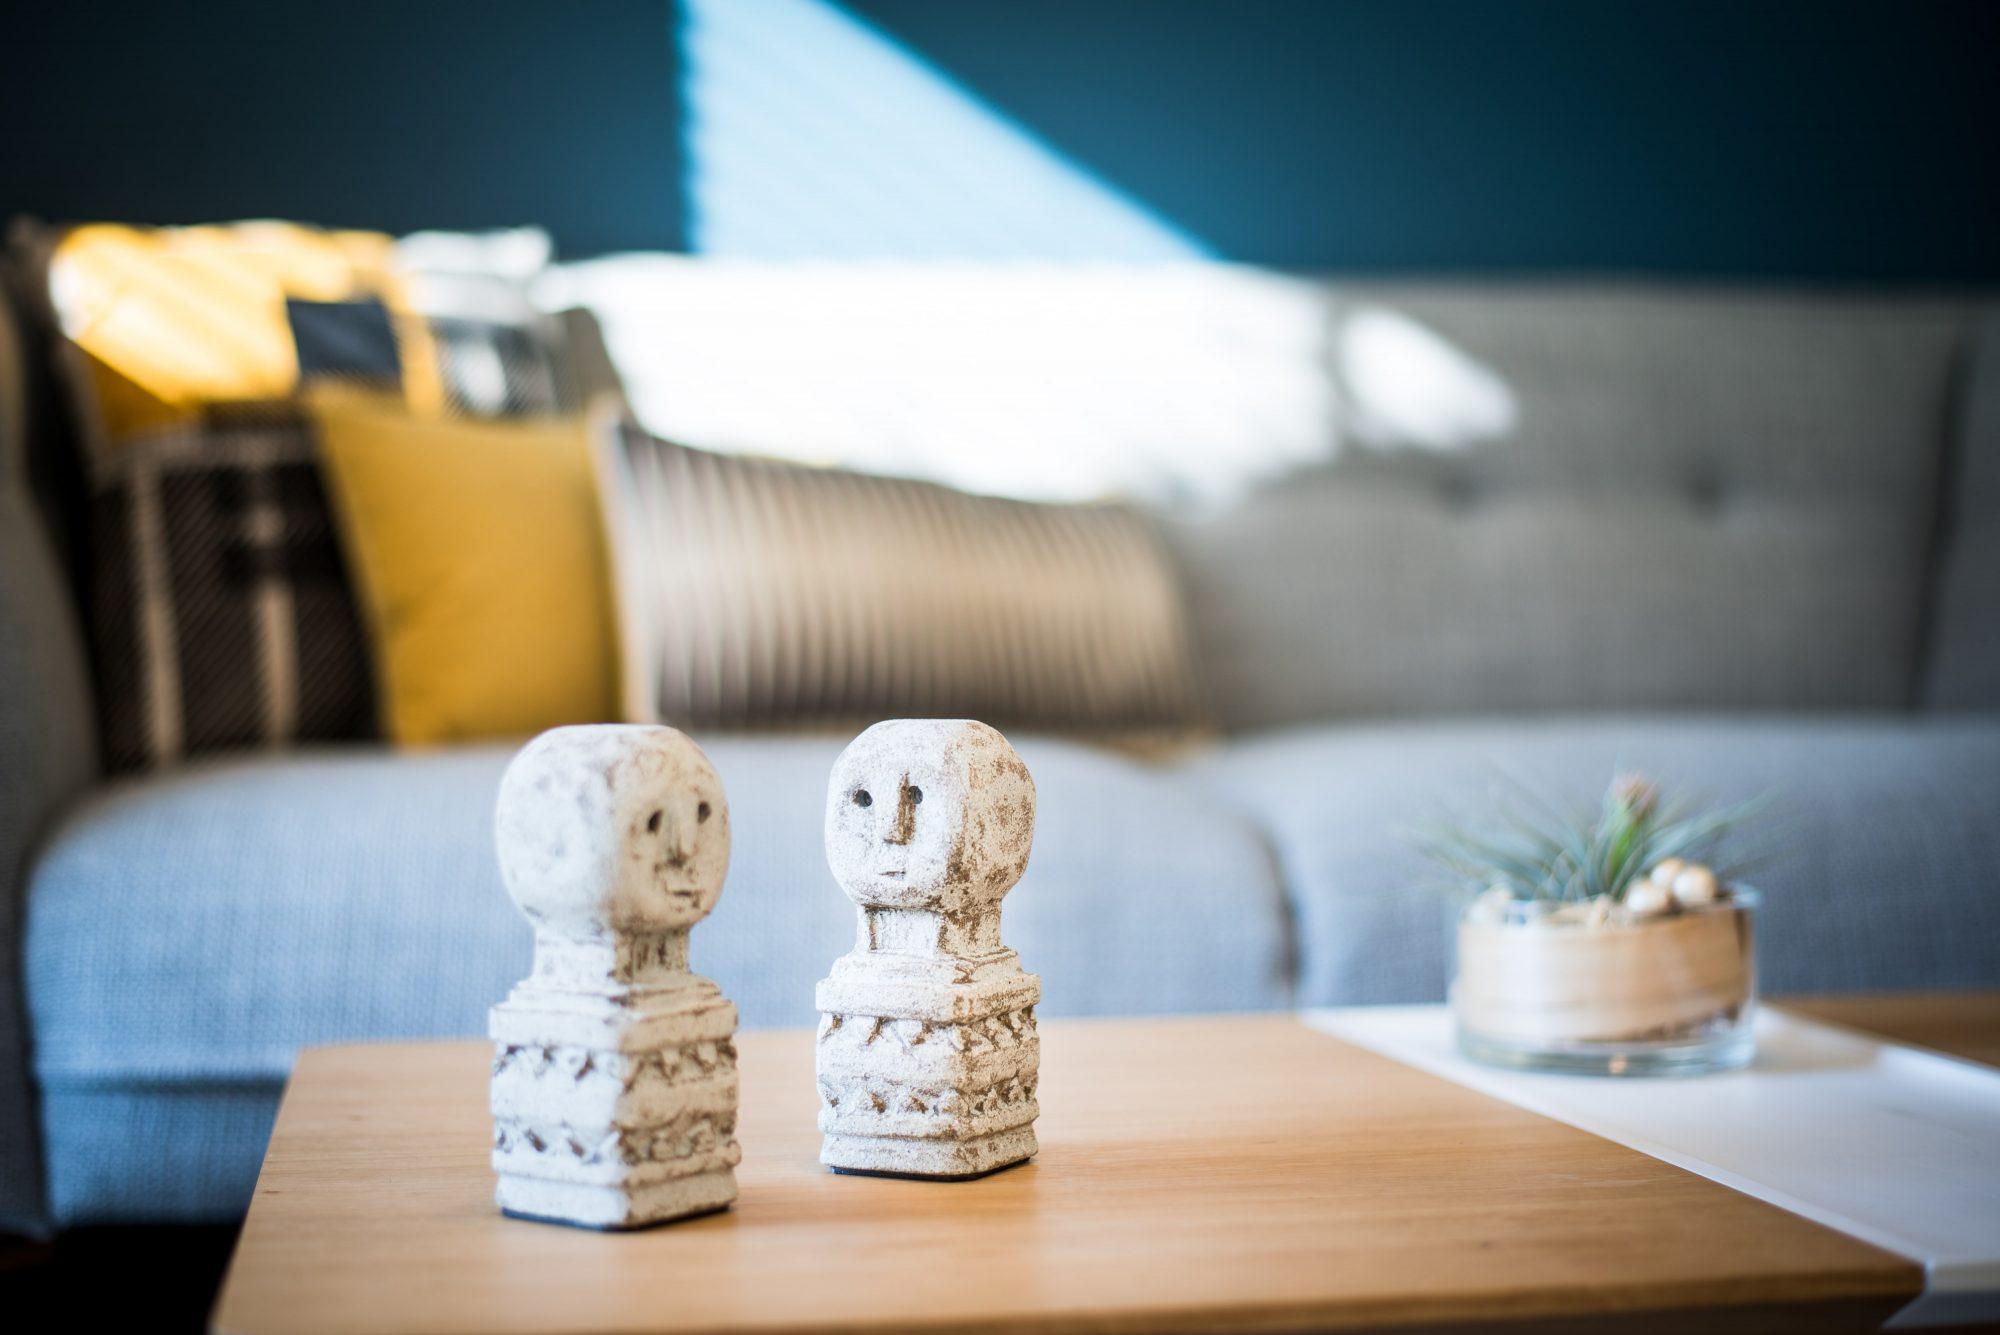 Nouveau look pour une villa gardoise, Les Angles, par Kty.L Décoratrice UFDI Avignon et Nîmes (30 et 84) : zoom sur la déco, ici 2 jolies statuettes